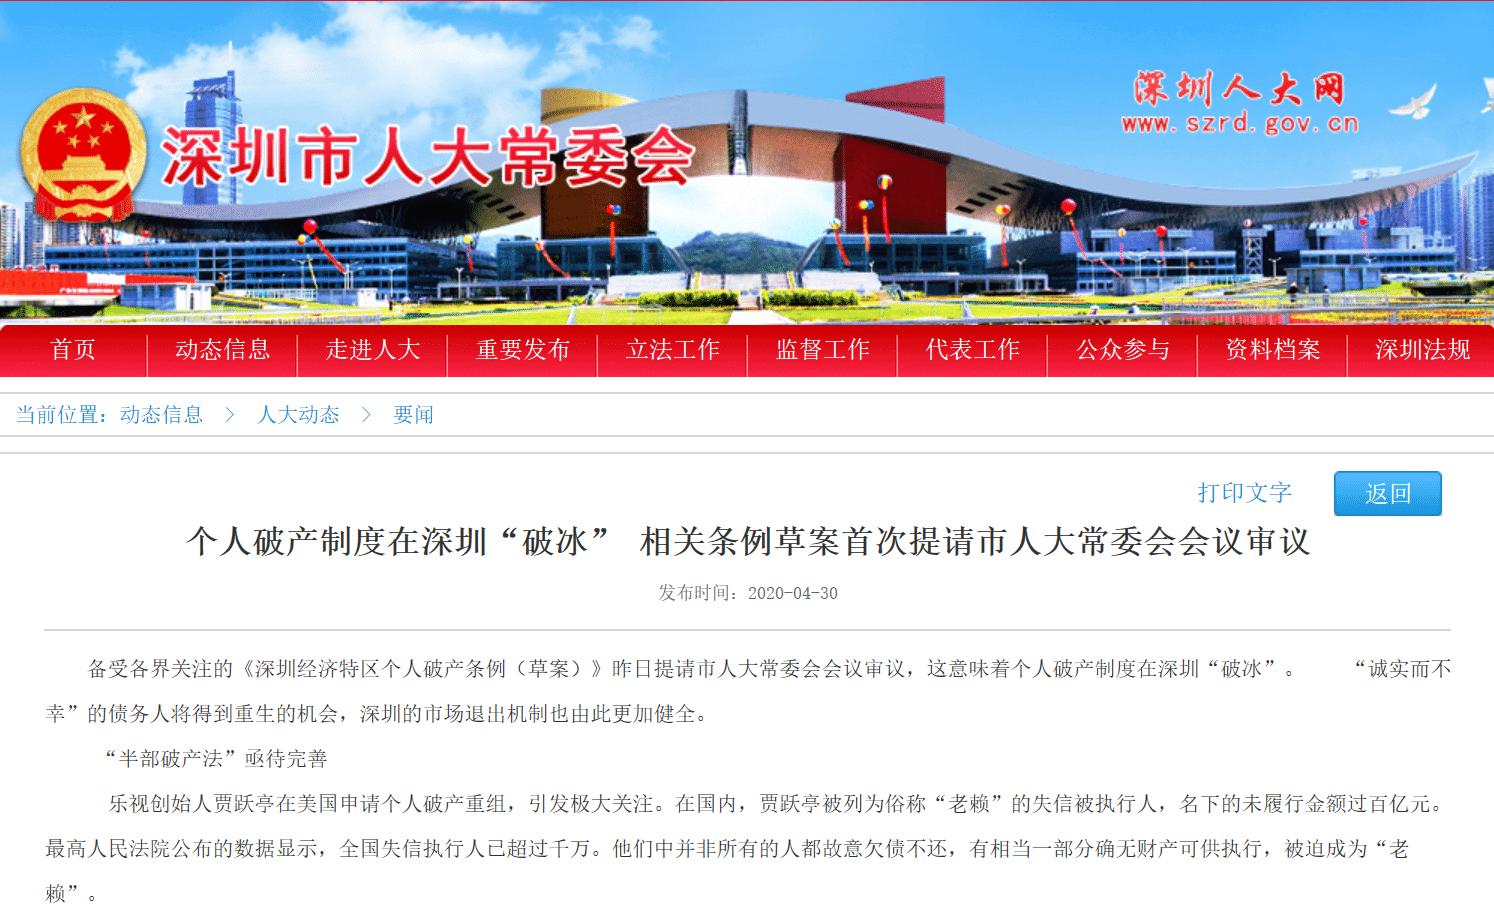 深圳个人破产条例草案征求意见稿